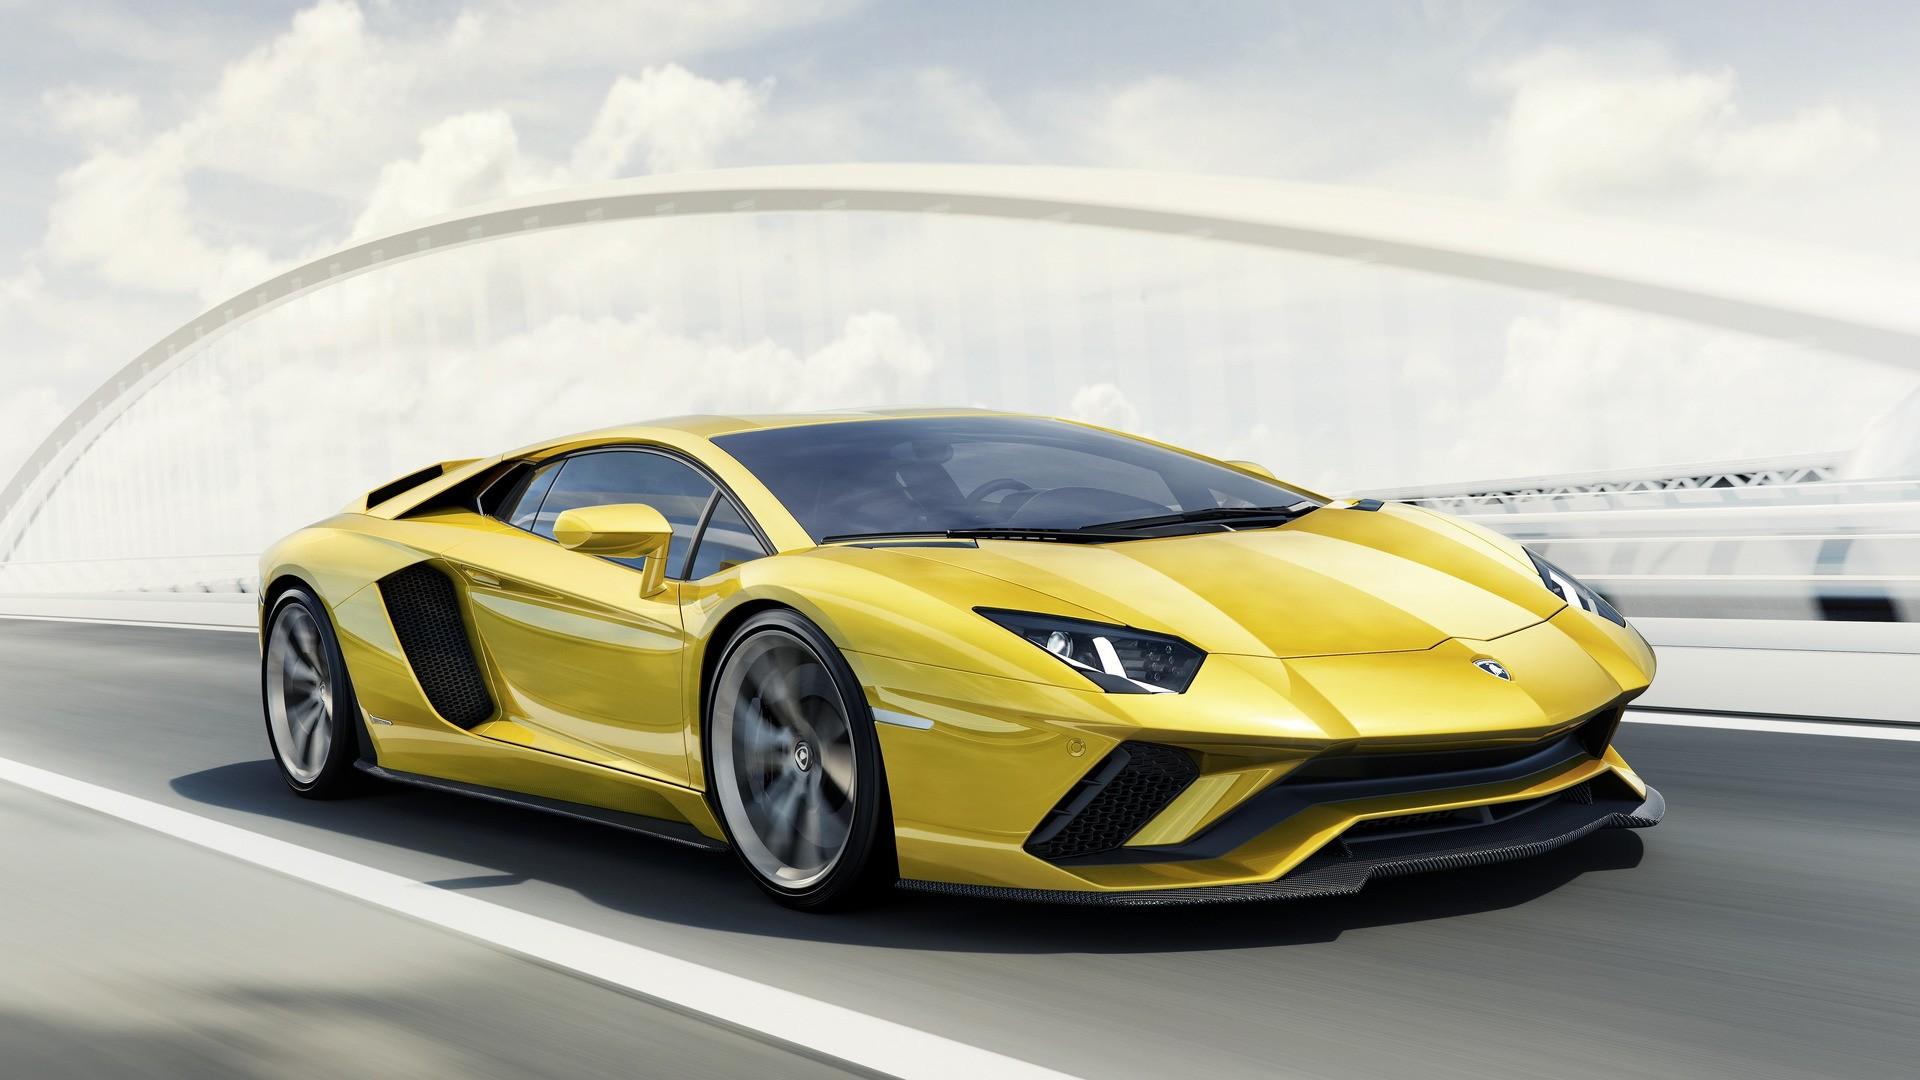 2020 Lamborghini Aventador Successor To Use V12 Engine And